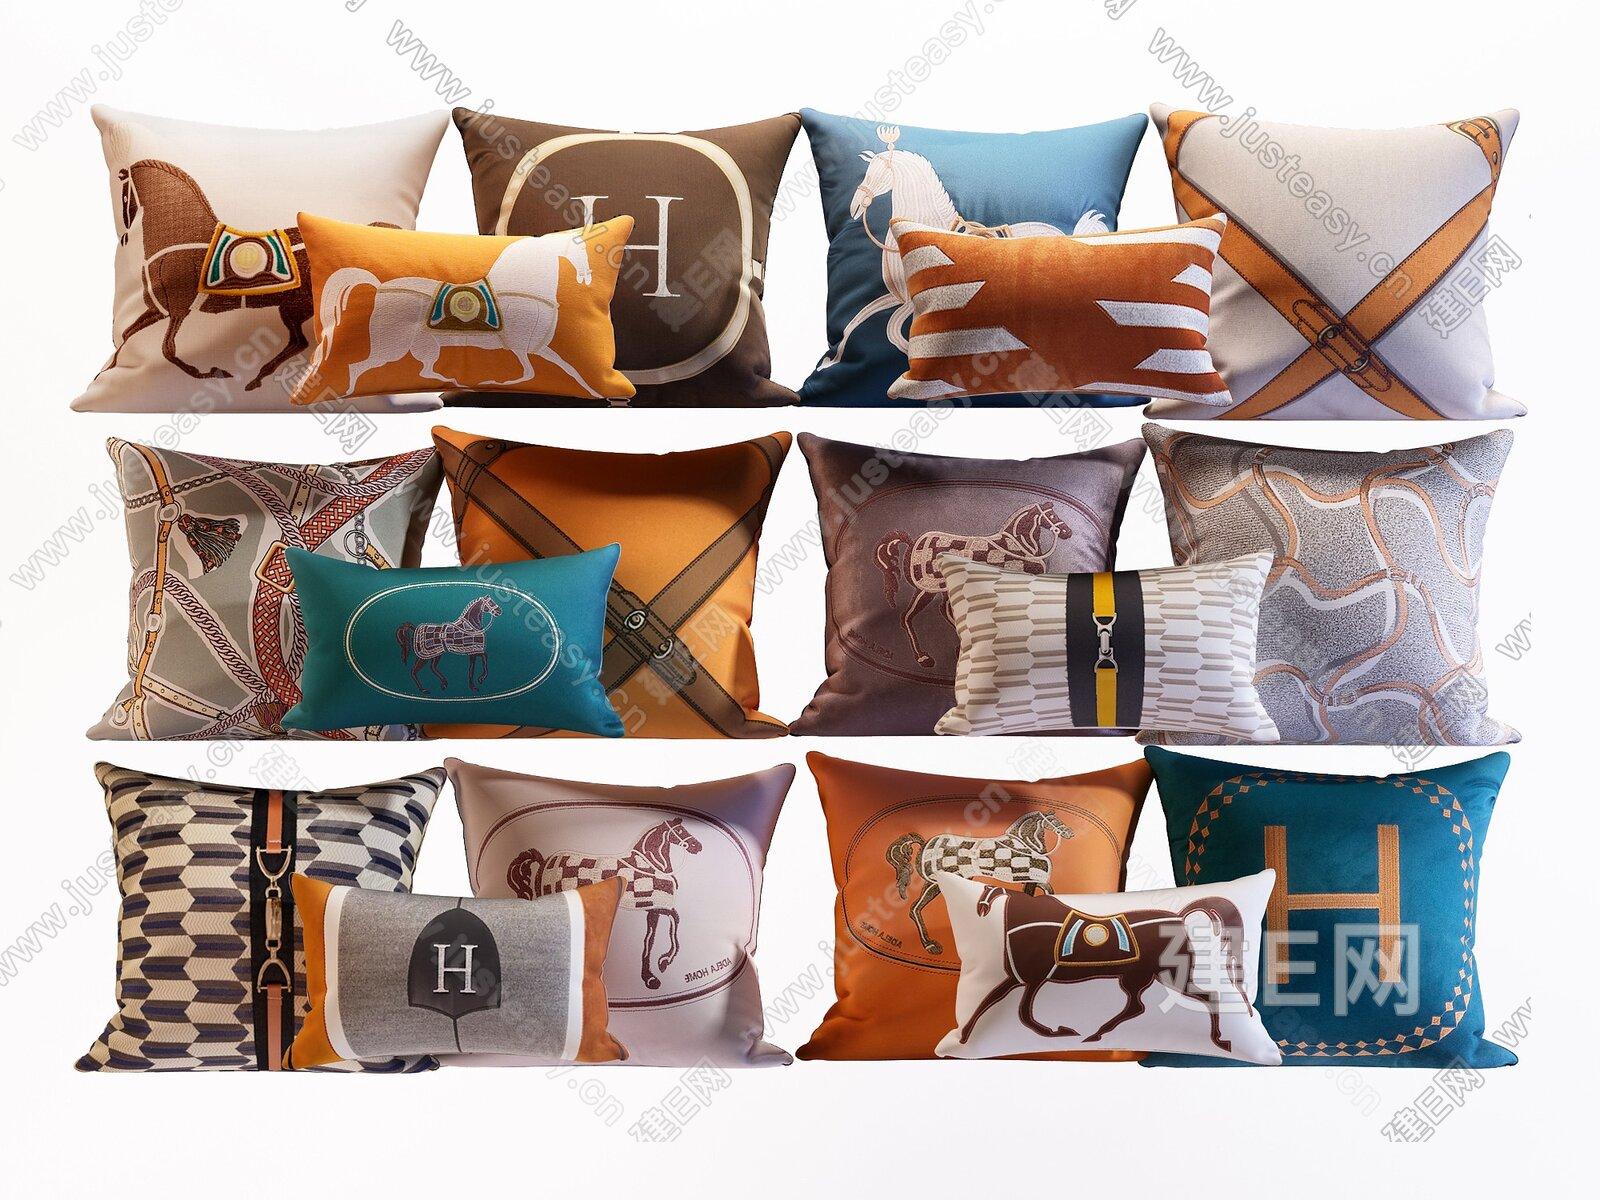 爱马仕抱枕组合3d模型